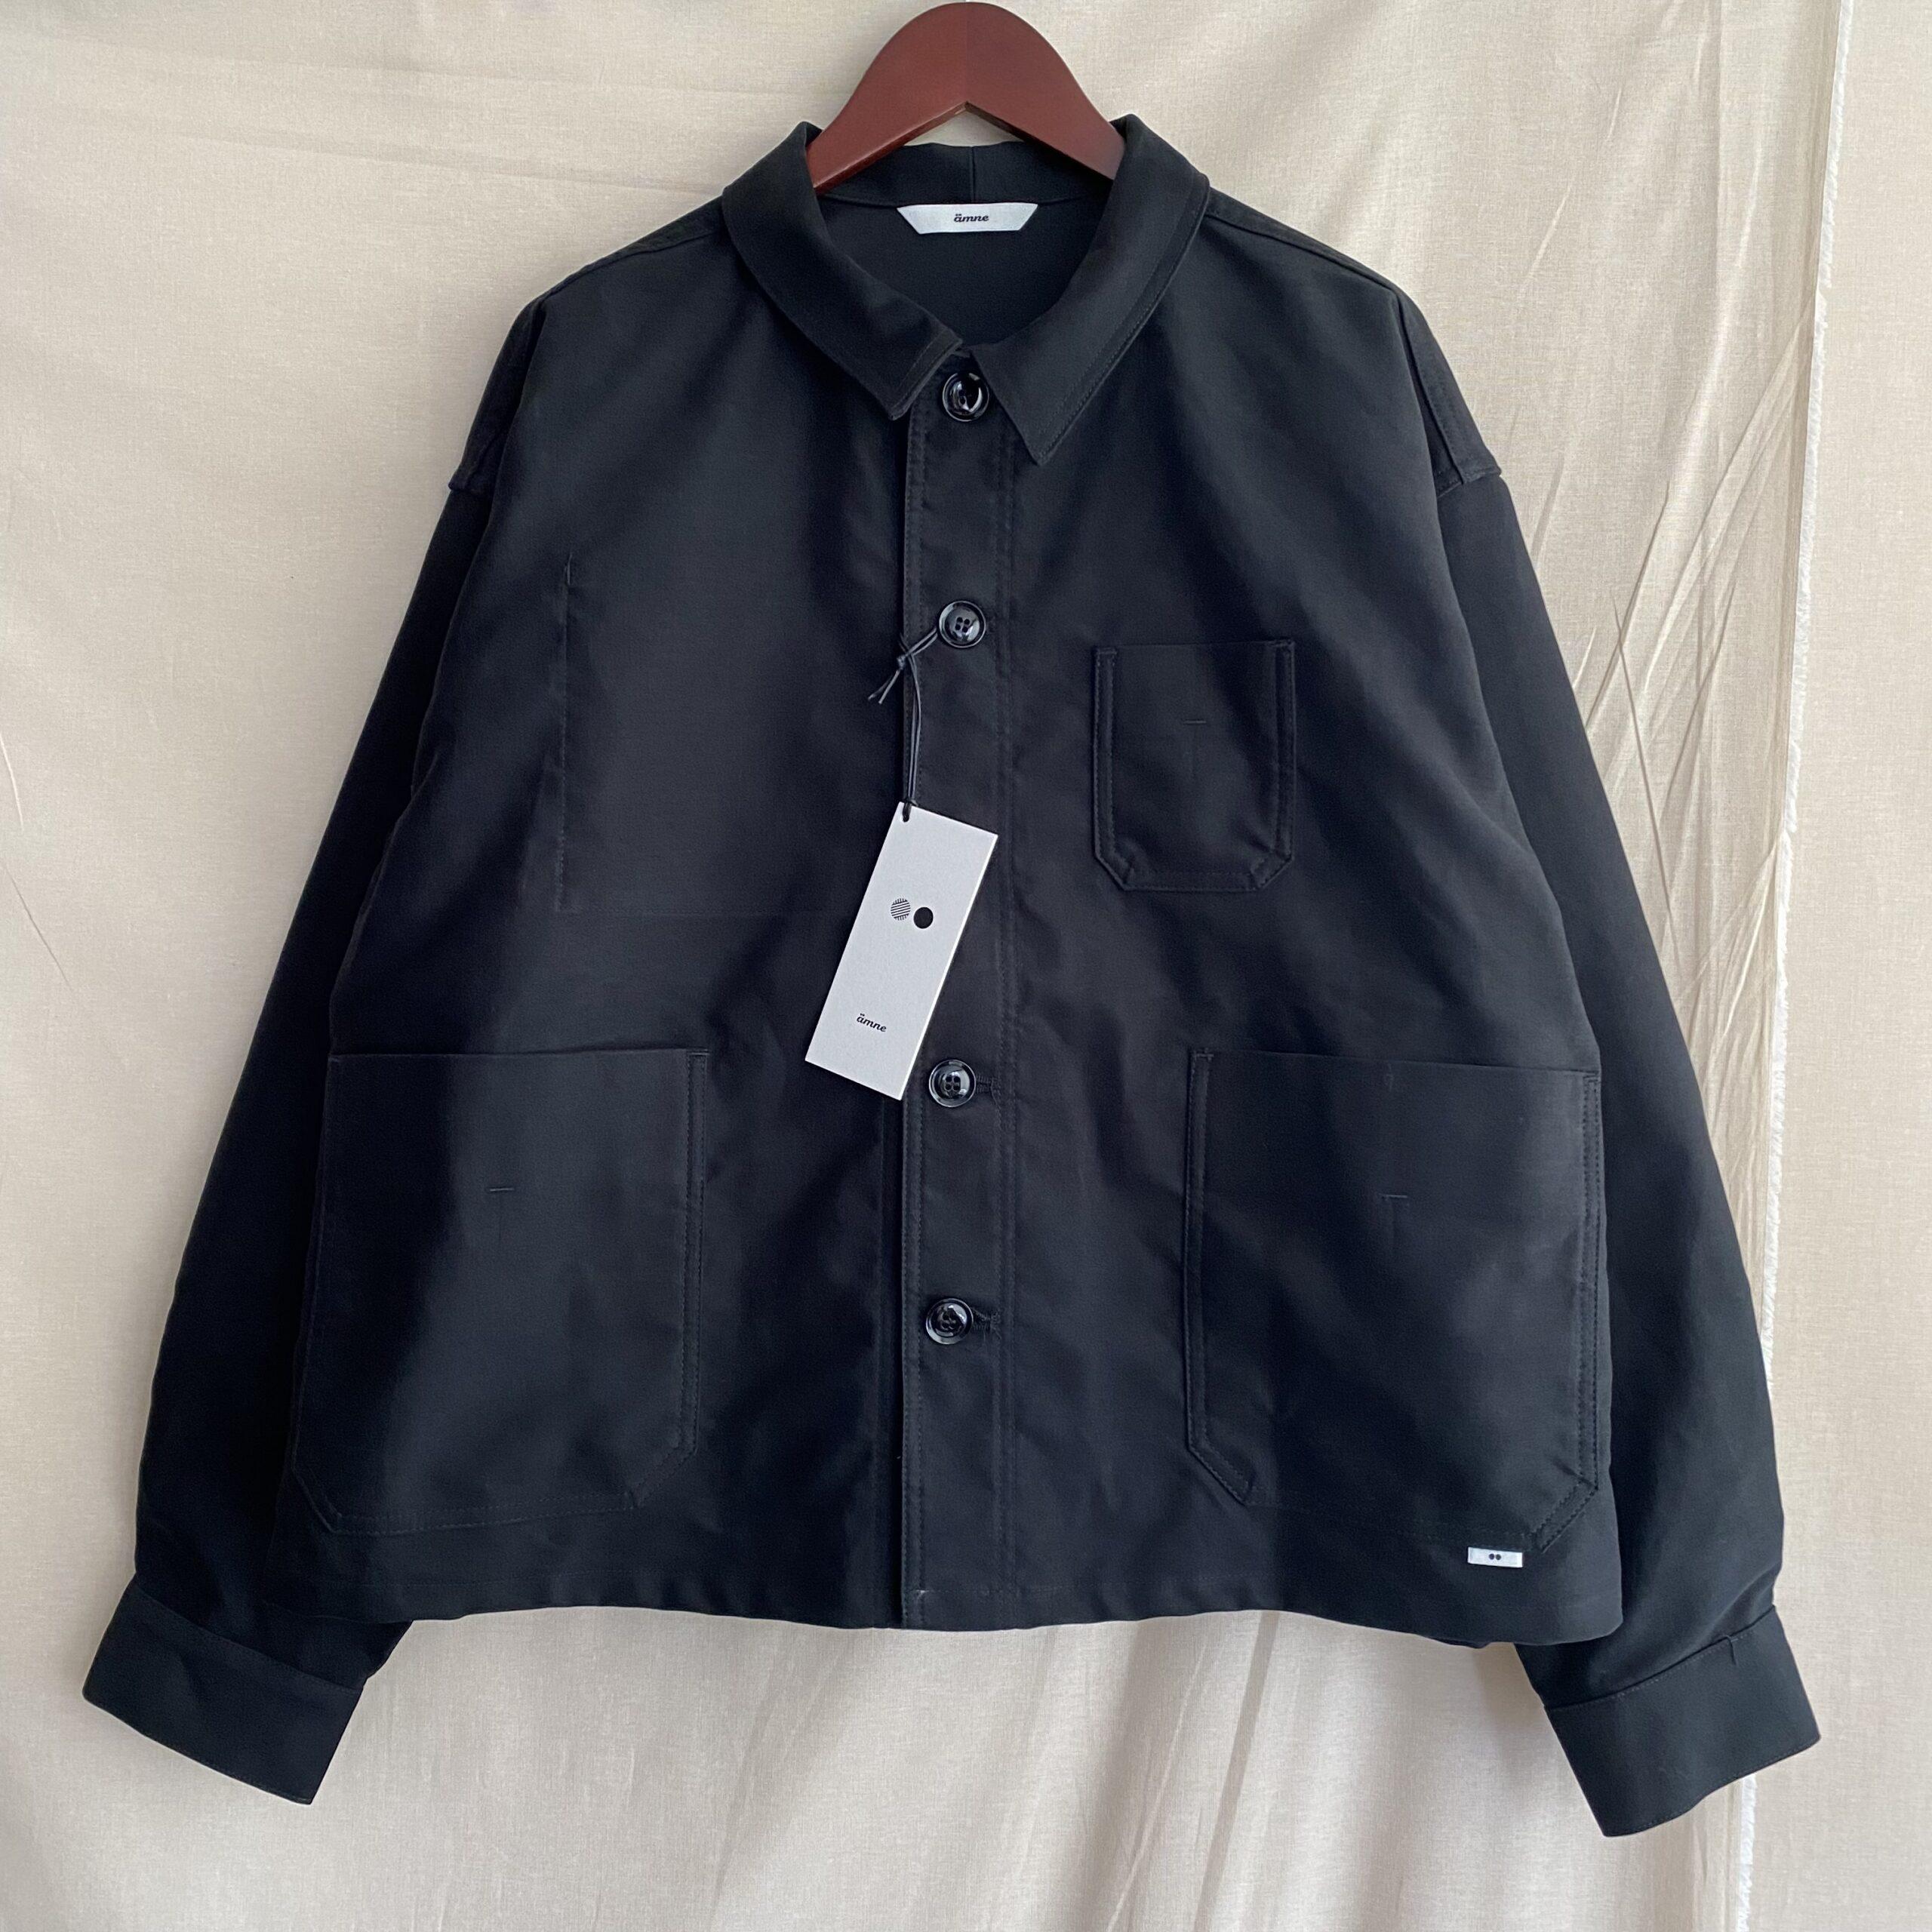 【amne】MOLESKIN crop jacket 入荷!!